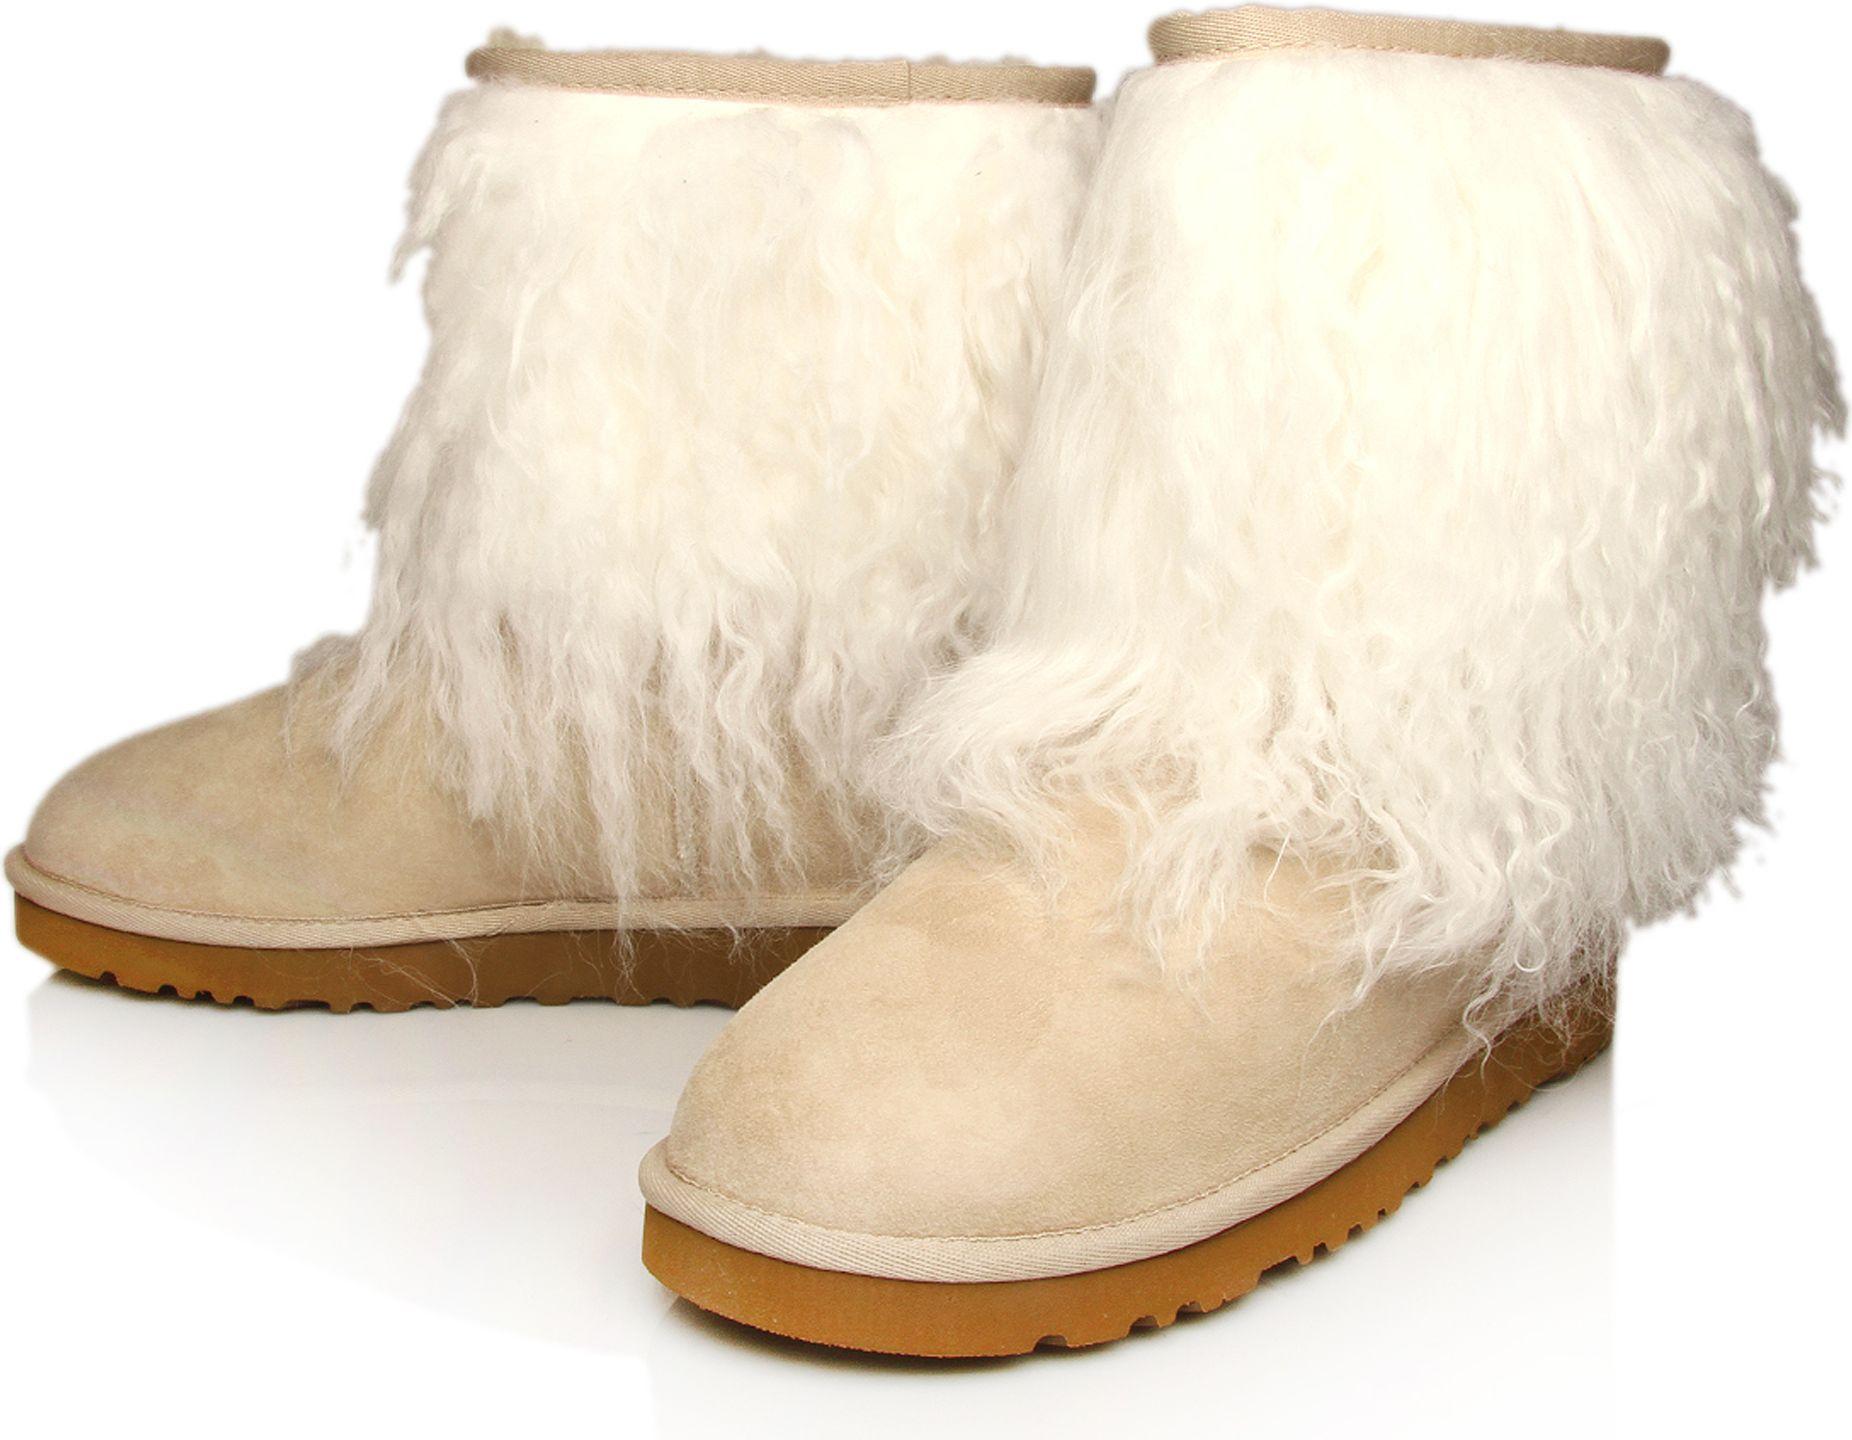 fake sheepskin ugg boots